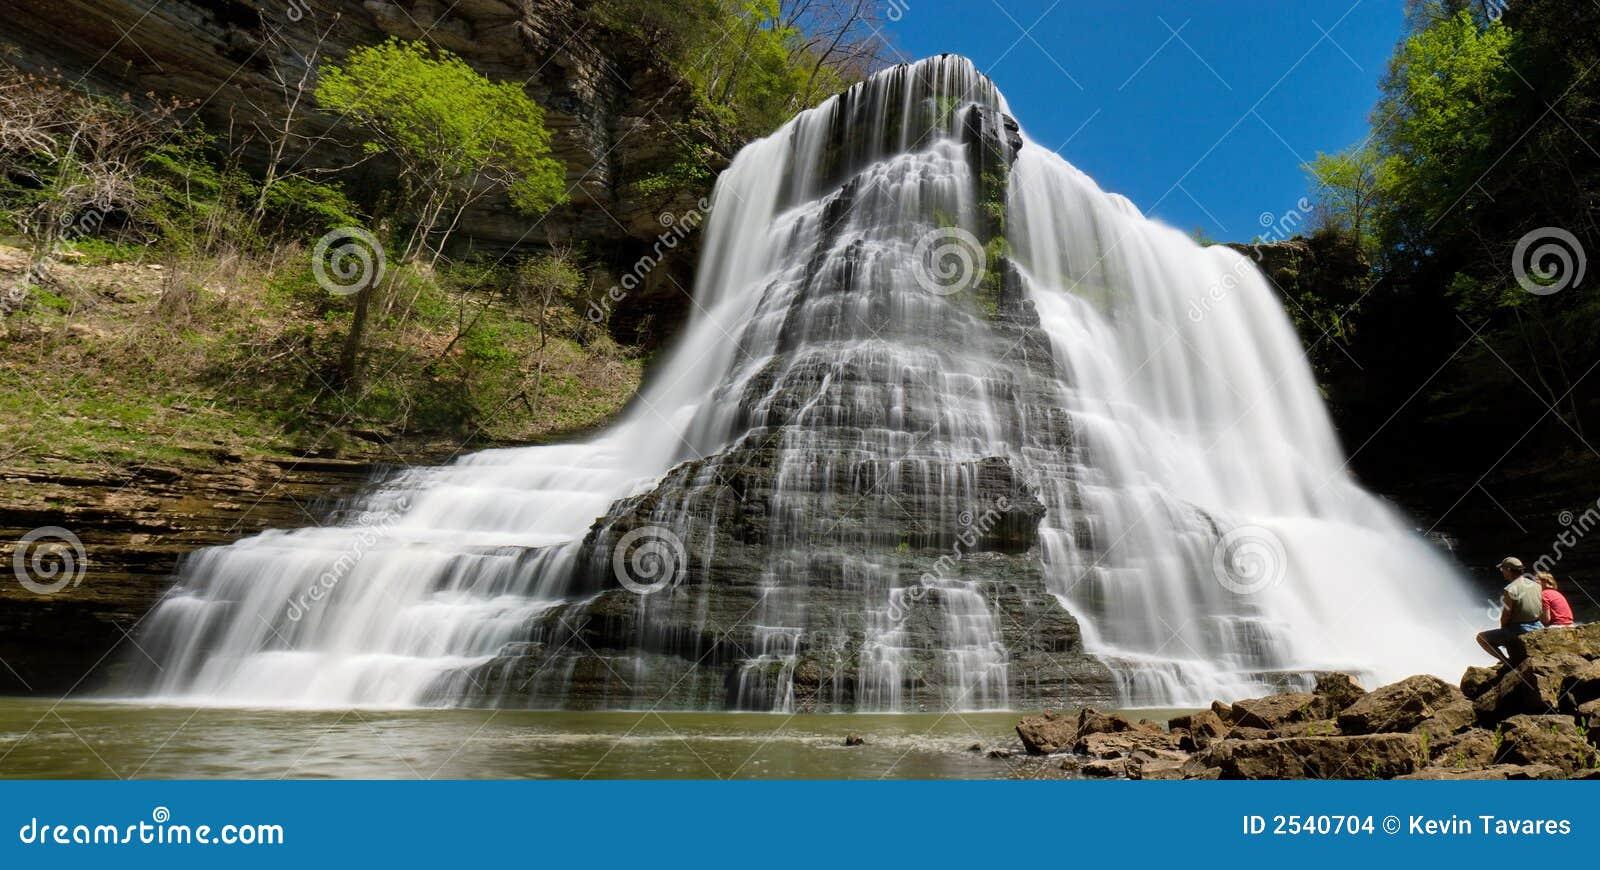 Big Falls Panoramic